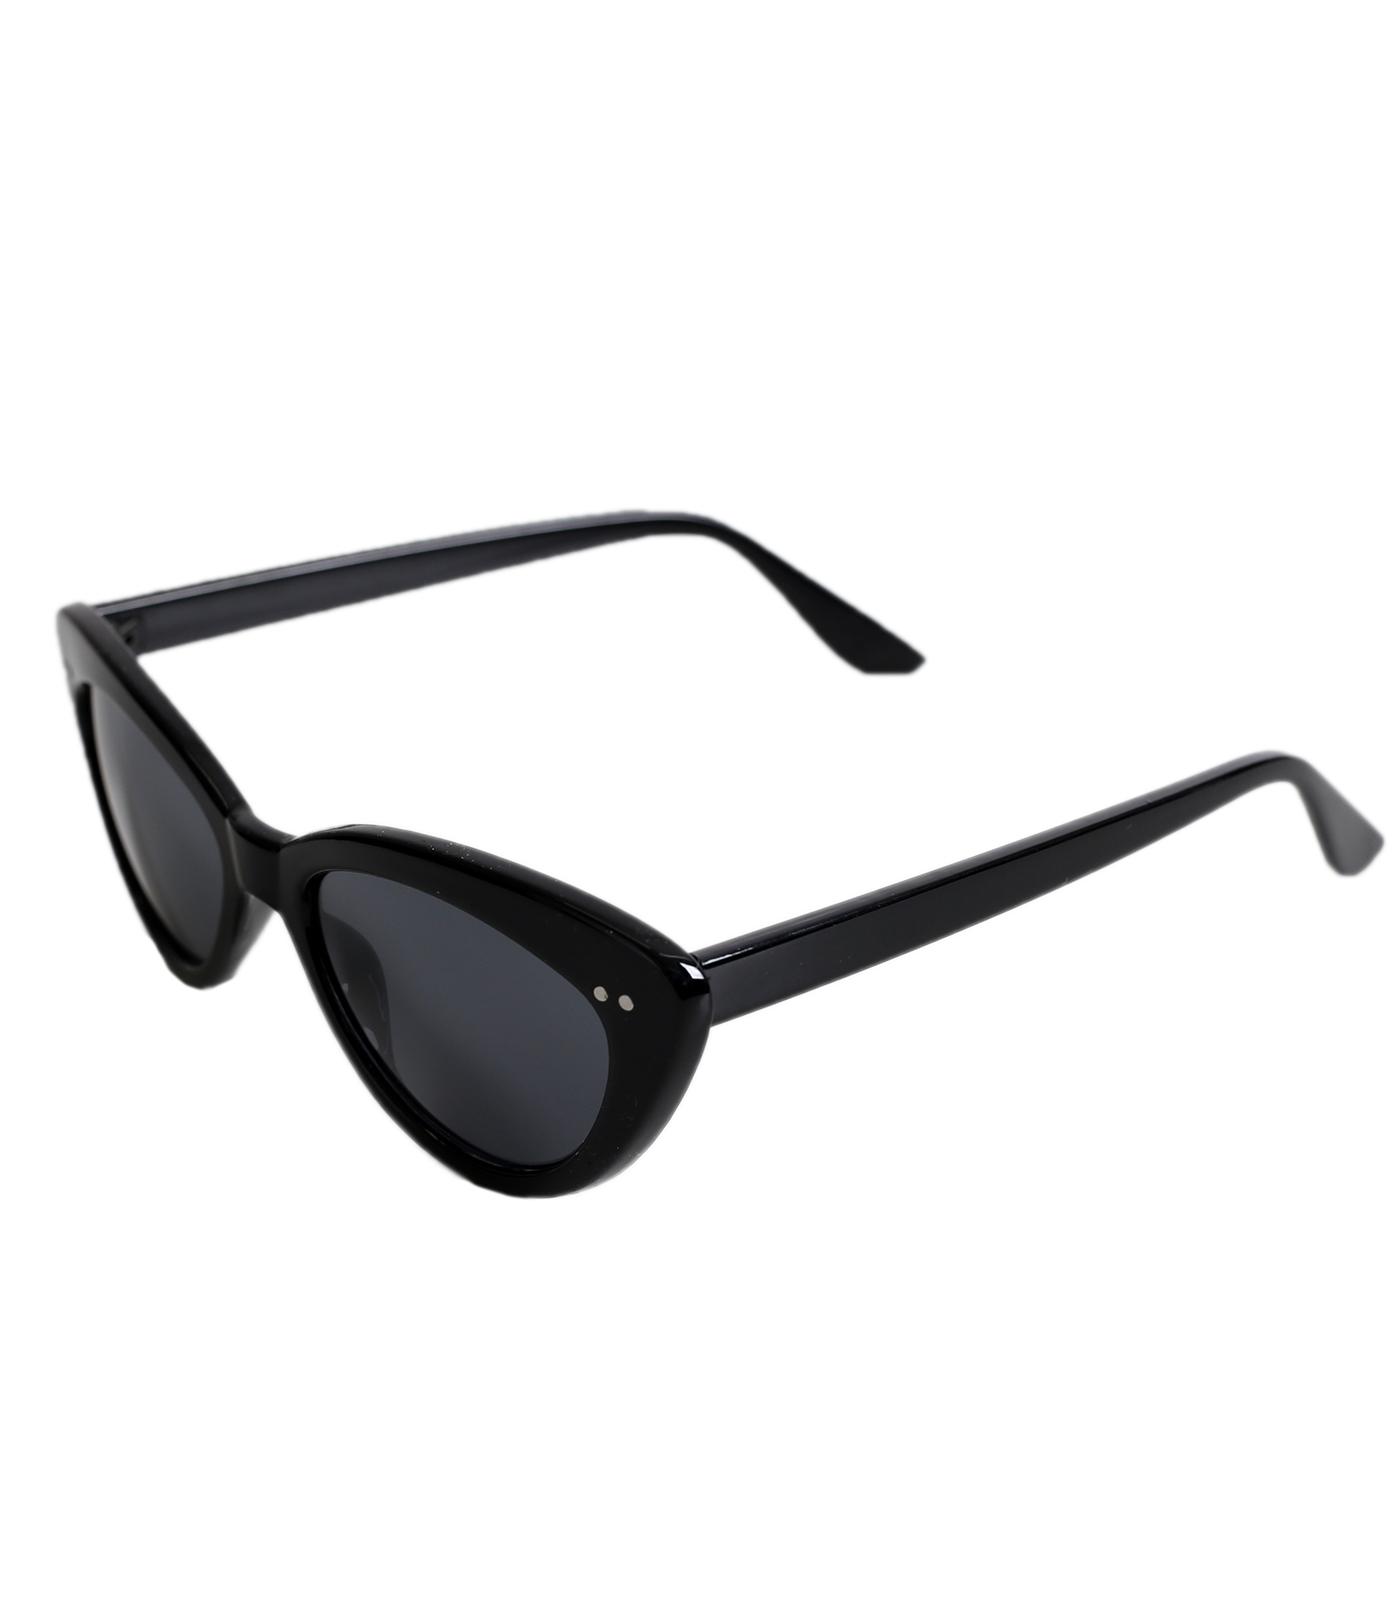 Μαύρα γυναικεία γυαλιά με μαύρο φακό